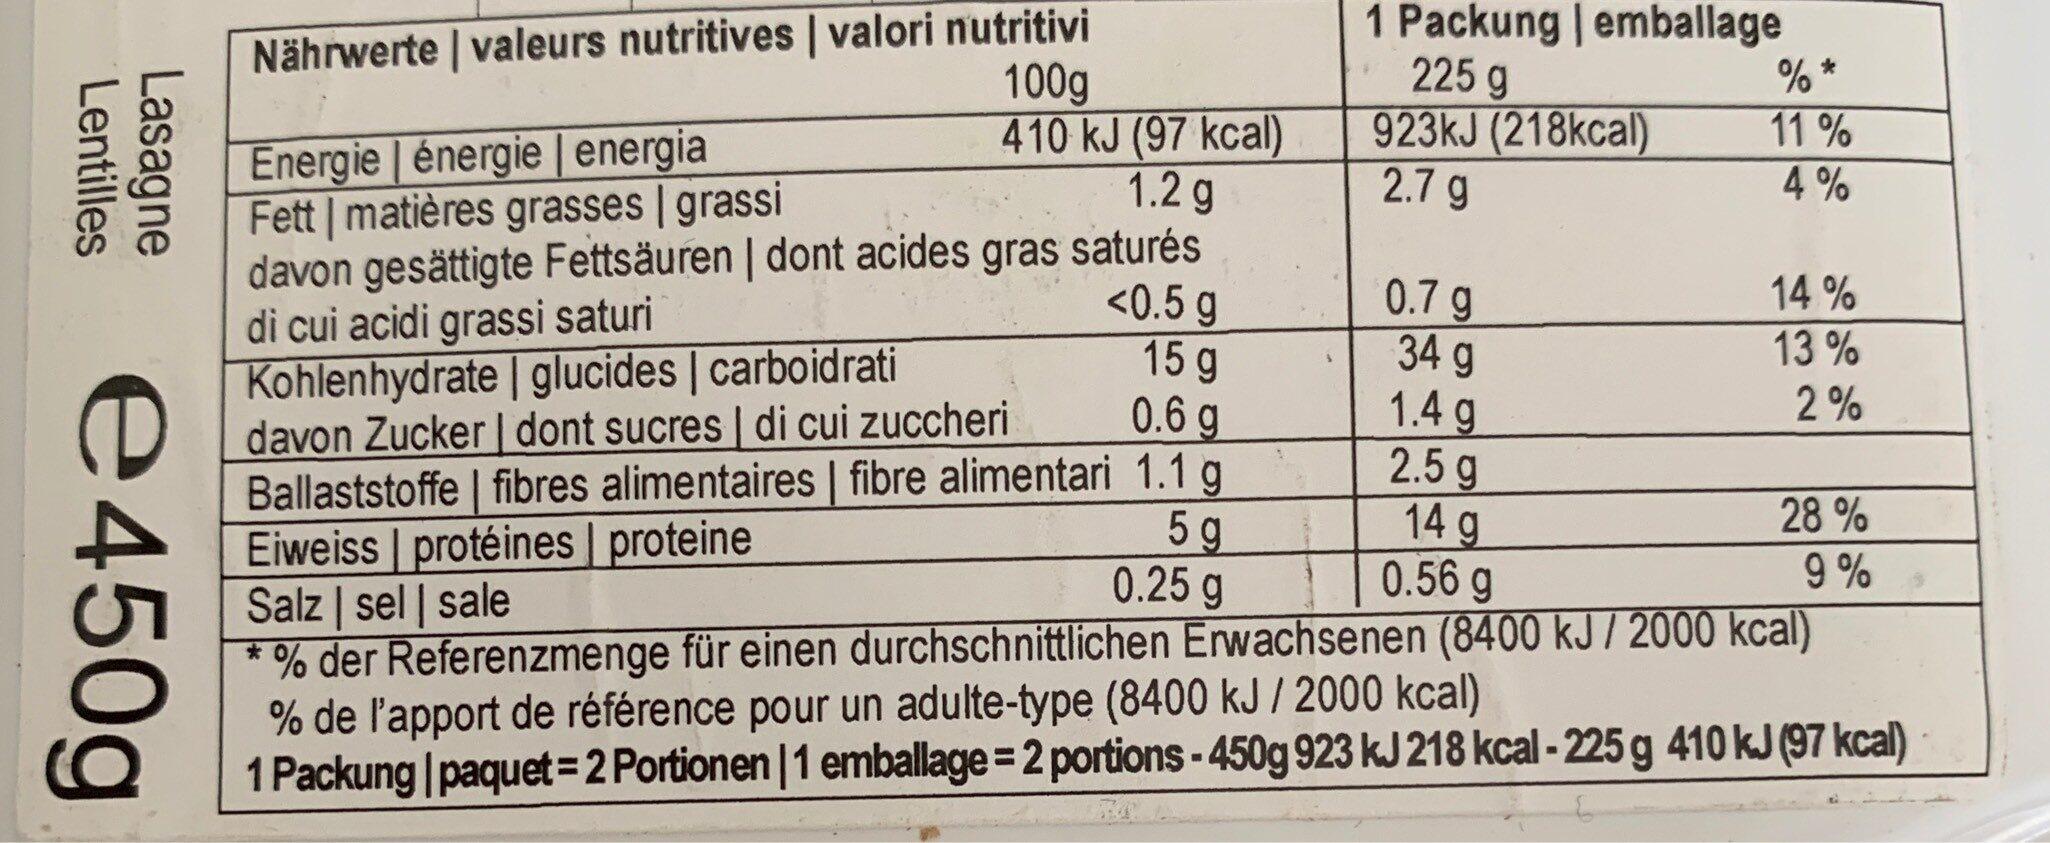 Lasagne frais lentilles corail (Végan,CH) - Informations nutritionnelles - fr